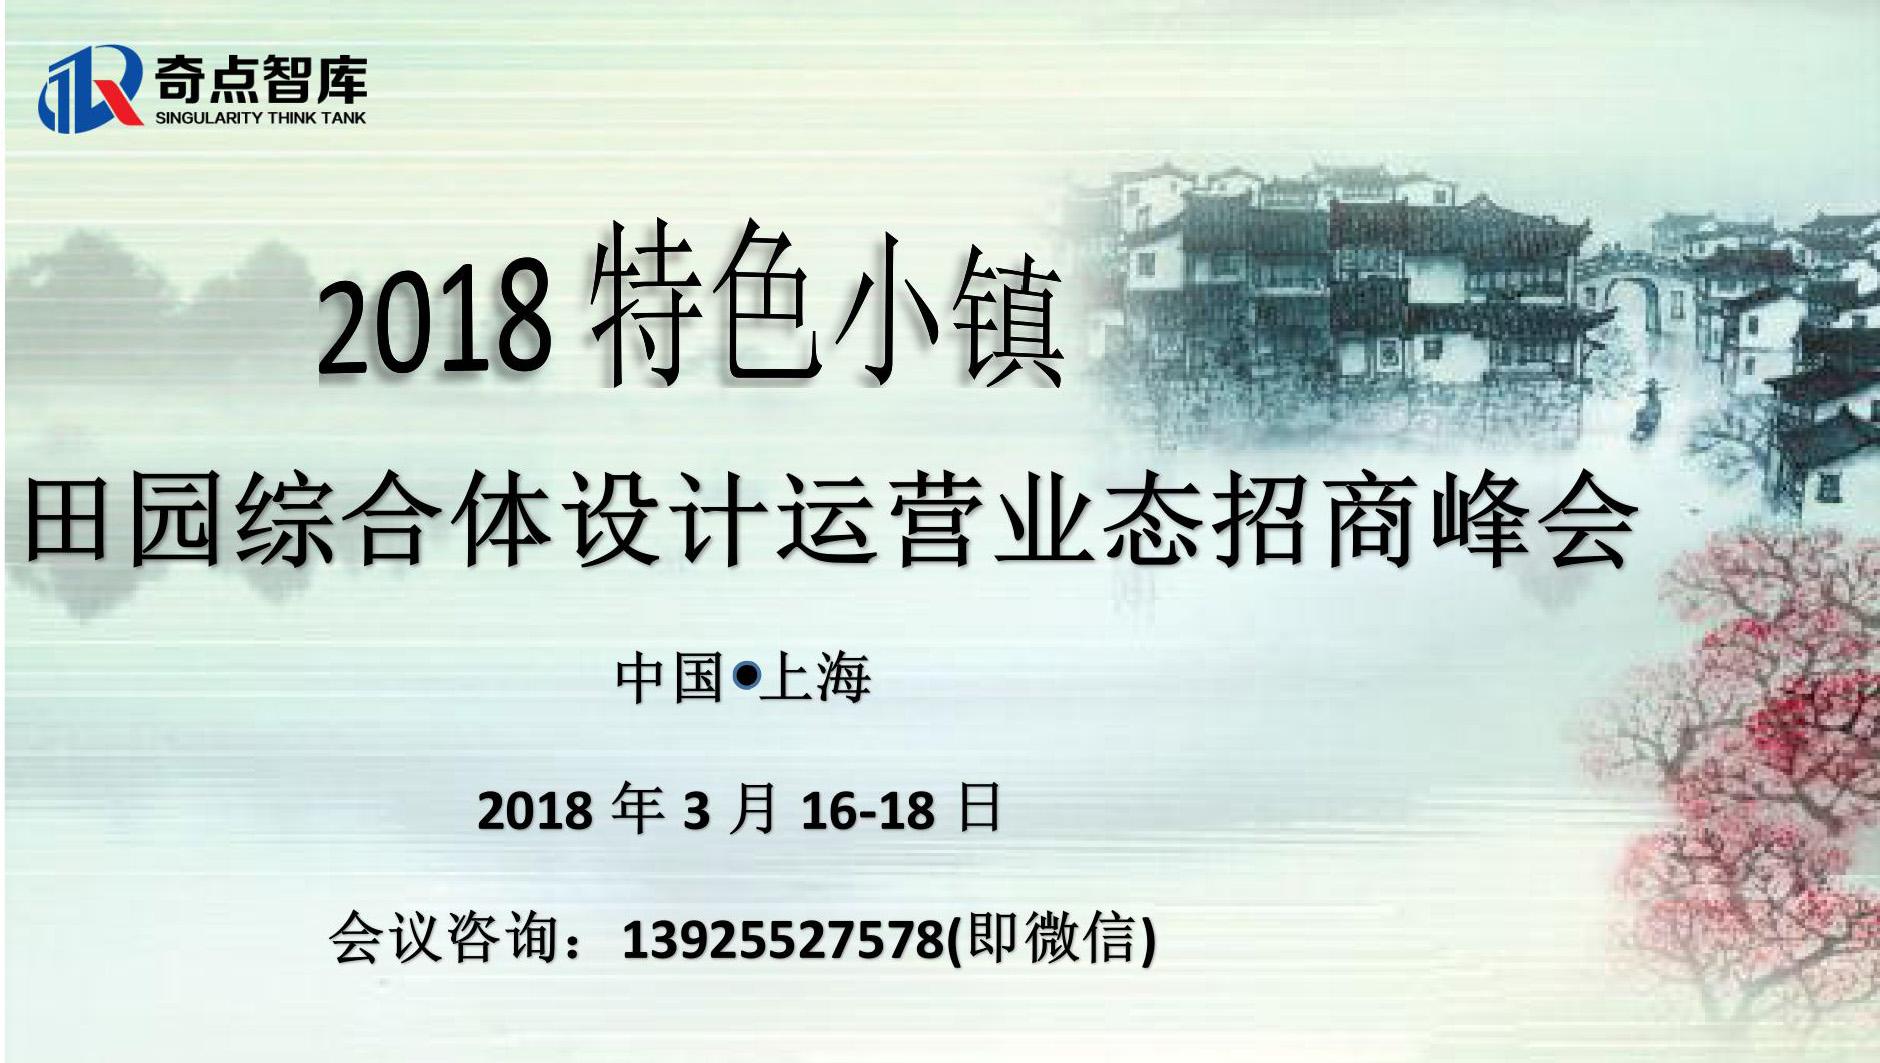 2018特色小镇田园综合体设计运营业态招商峰会